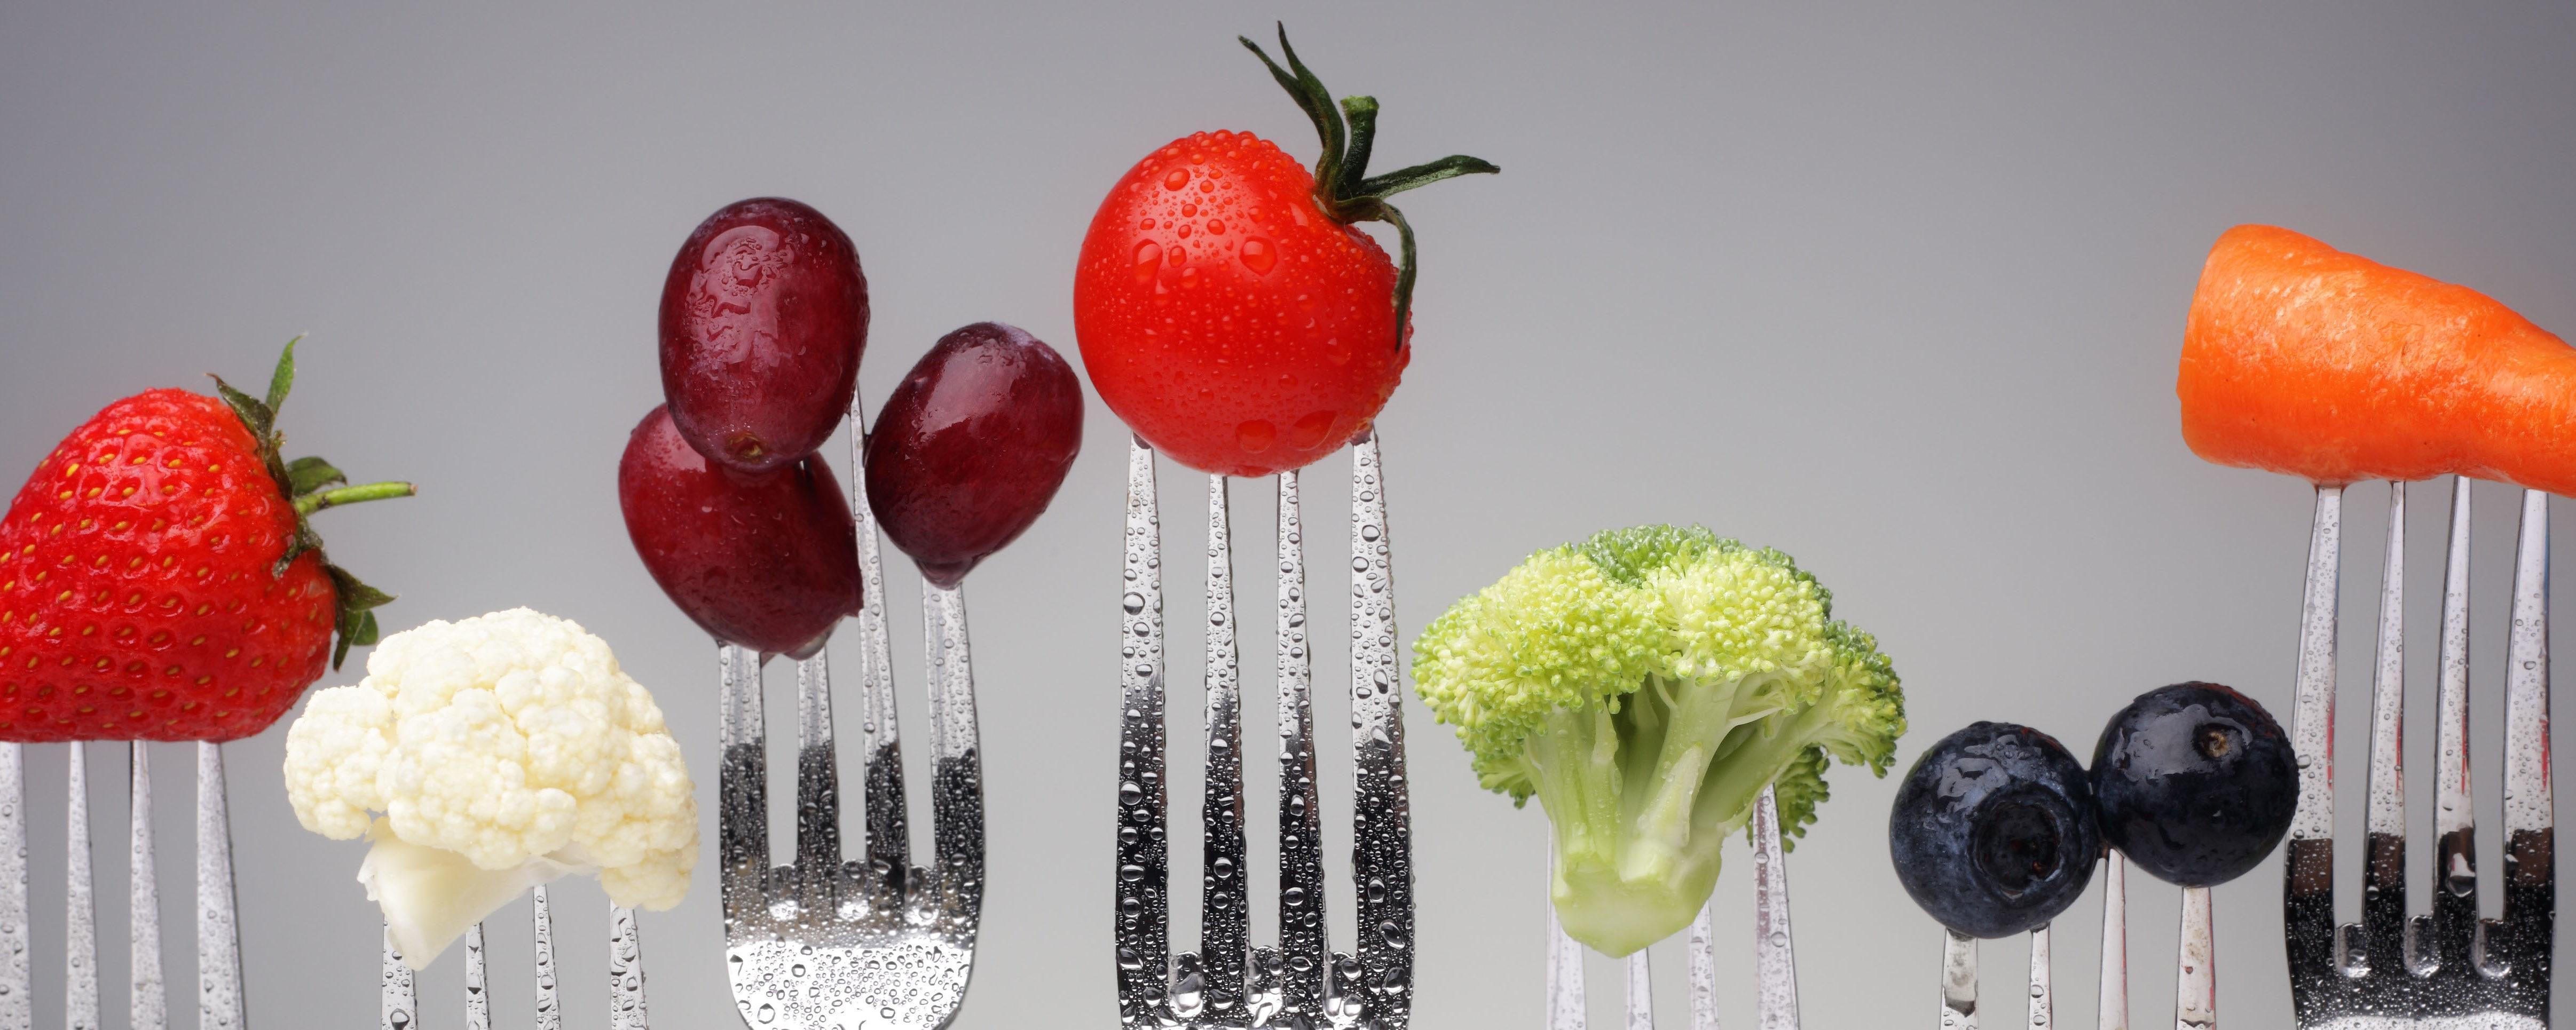 Вегетарианство как образ жизни: ошибки новичков и советы бывалых веганов!